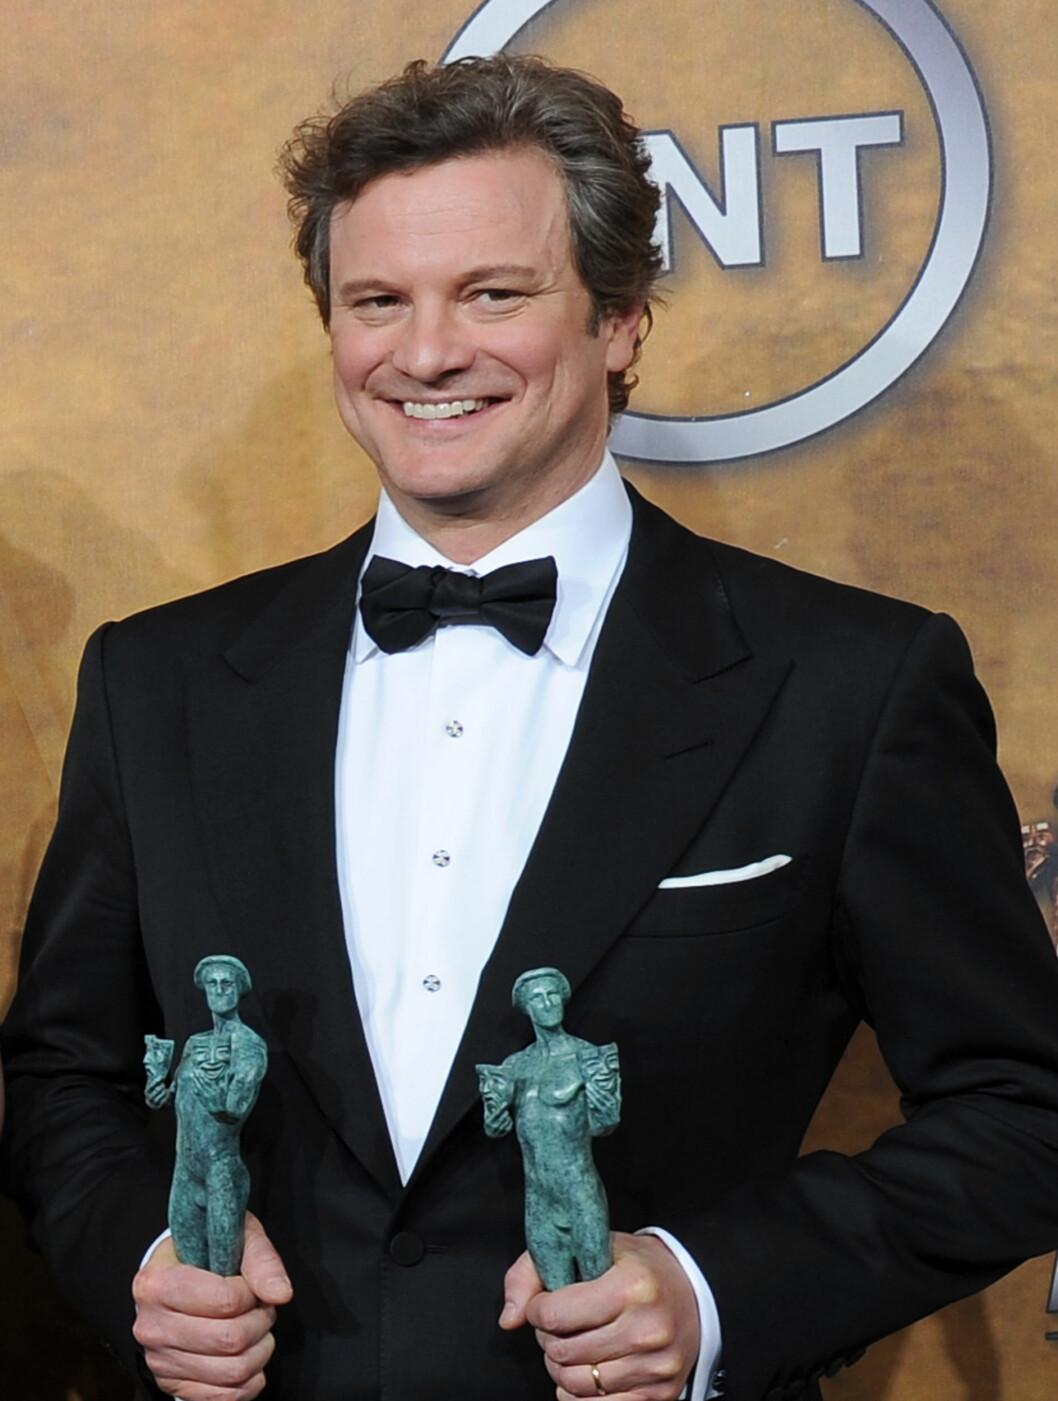 <strong>VANT:</strong> Colin Firth vant pris for beste mannlige filmskuespiller, i tillegg til at filmen «The King's Speech» ble kåret til beste film.  Foto: All Over Press